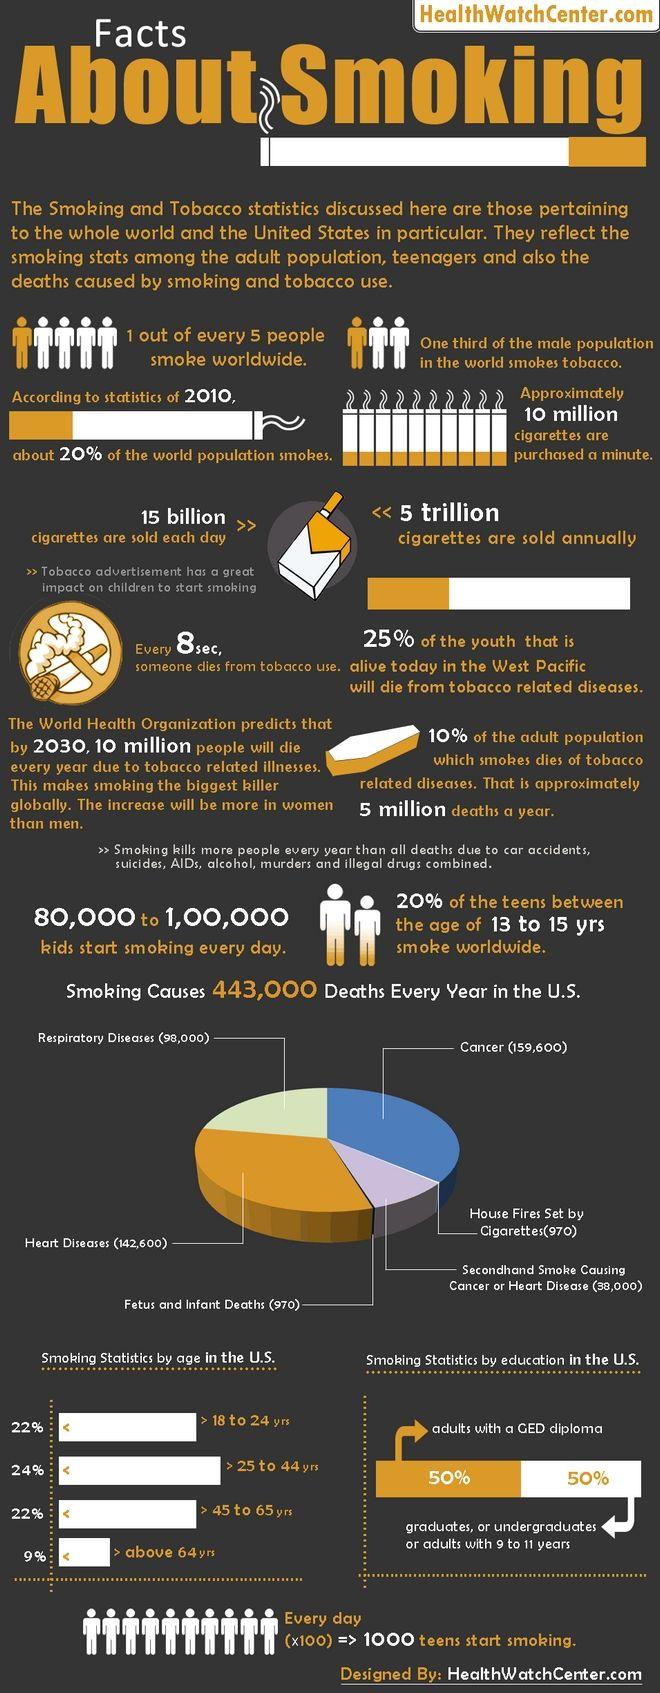 Παγκόσμια Ημέρα κατά του Καπνίσματος-Κάθε 8 δευτερόλεπτα κάποιος πεθαίνει από το τσιγάρο στον πλανήτη